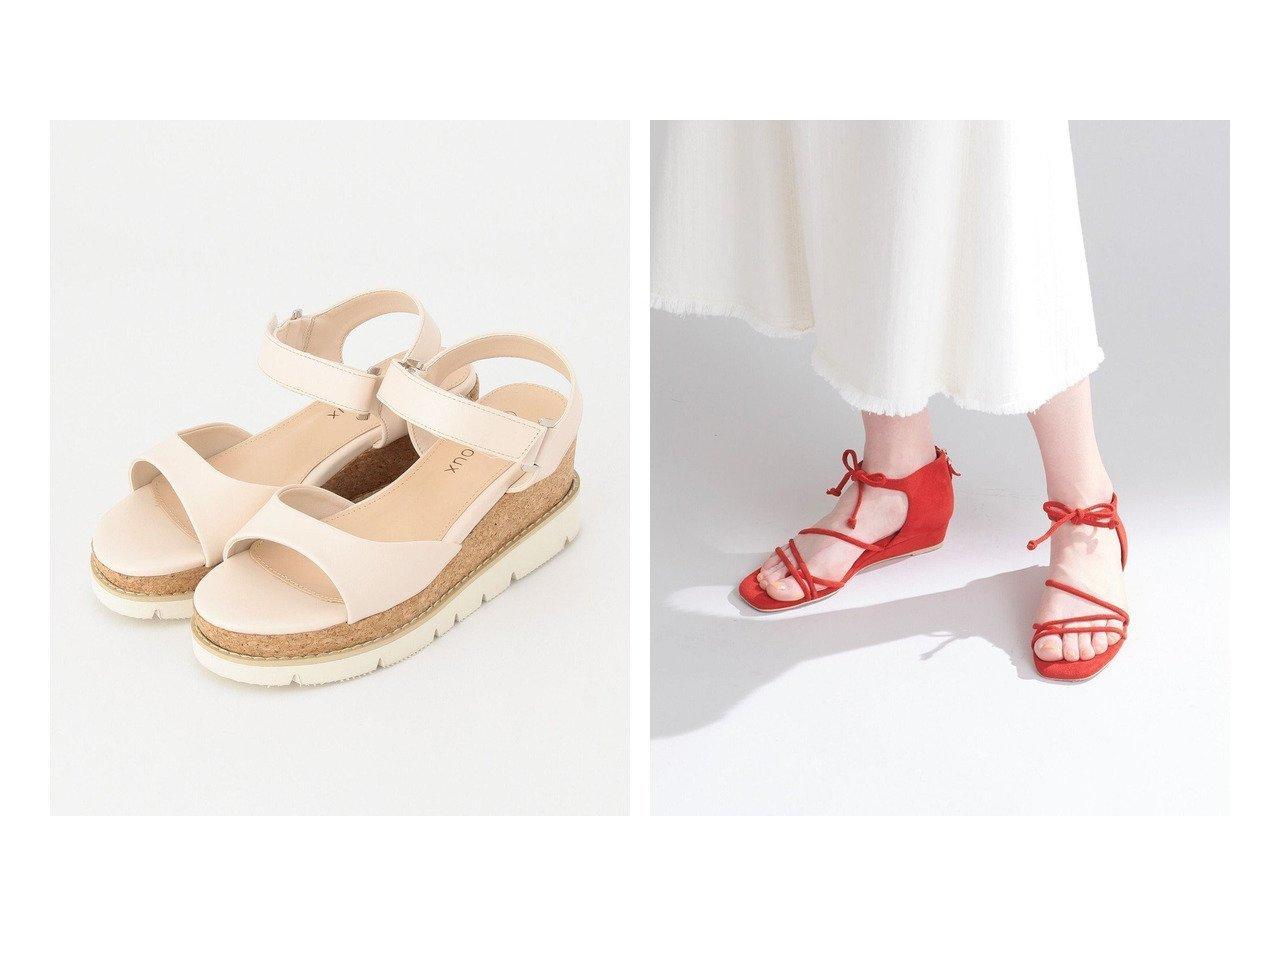 【Feroux/フェルゥ】のプラットフォームスポーツ サンダル&【TOCCA/トッカ】のGRADIATOR SANDALS サンダル 【シューズ・靴】おすすめ!人気トレンド・レディースファッション通販 おすすめで人気の流行・トレンド、ファッションの通販商品 インテリア・家具・メンズファッション・キッズファッション・レディースファッション・服の通販 founy(ファニー) https://founy.com/ ファッション Fashion レディースファッション WOMEN スポーツウェア Sportswear サンダル / ミュール Sandals スポーツ シューズ Shoes イタリア サマー サンダル シューズ ジップアップ 雑誌 トレンド フェミニン フラット ラップ リボン 2021年 2021 再入荷 Restock/Back in Stock/Re Arrival S/S・春夏 SS・Spring/Summer 2021春夏・S/S SS/Spring/Summer/2021 送料無料 Free Shipping 夏 Summer スポーツ ベーシック |ID:crp329100000046887